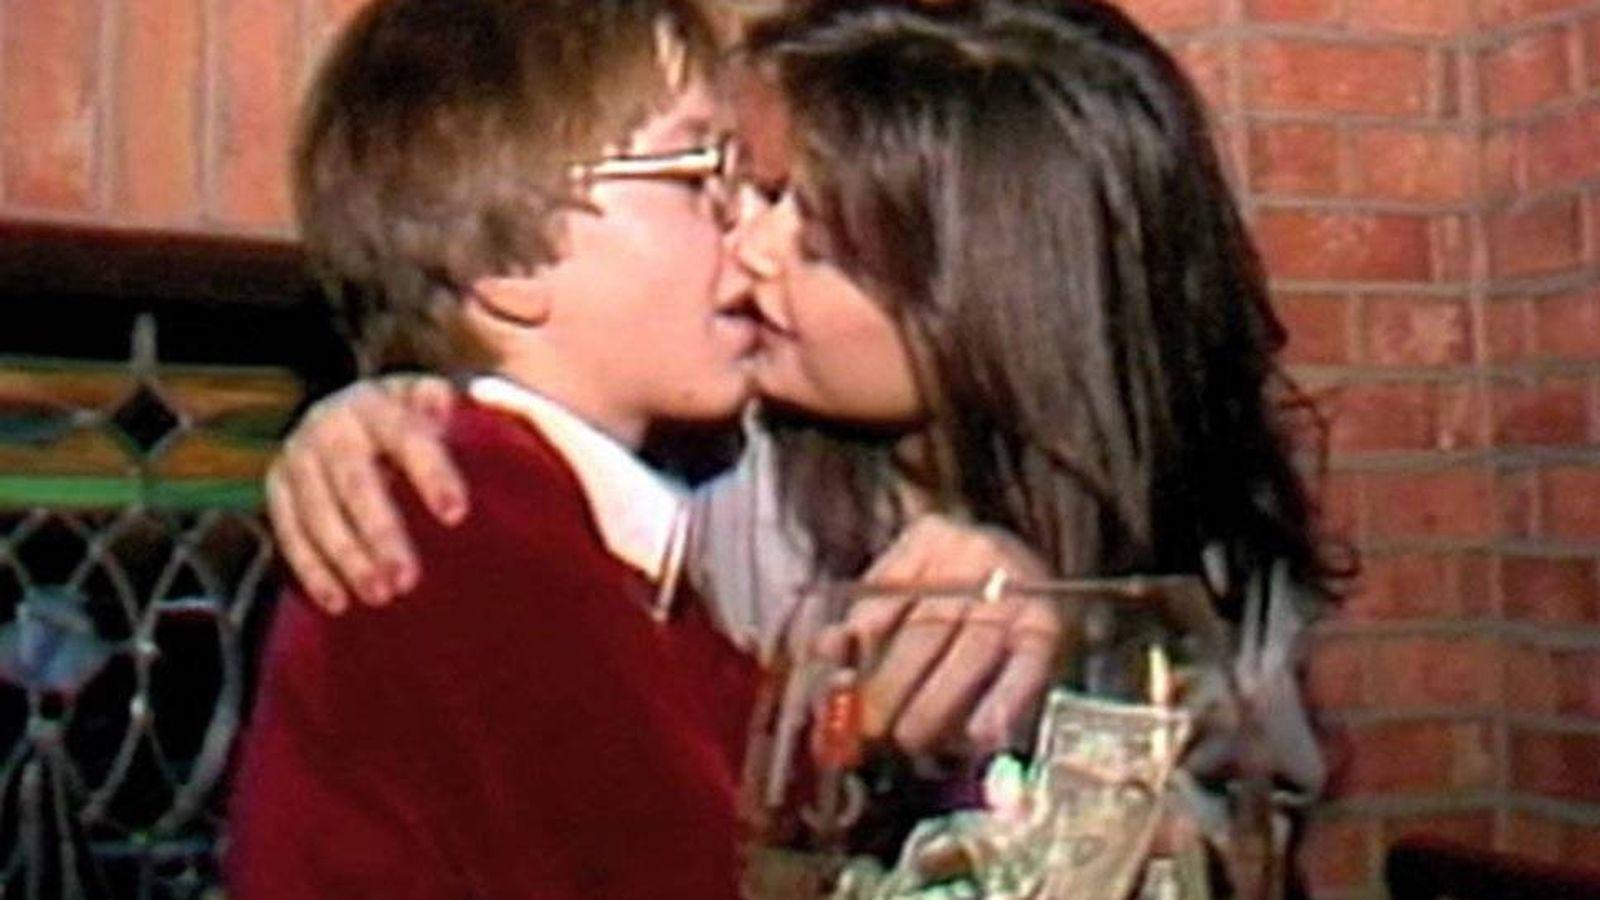 Foto: Demi Moore besando a Philip Tanzini en la boca. Clip del vídeo.